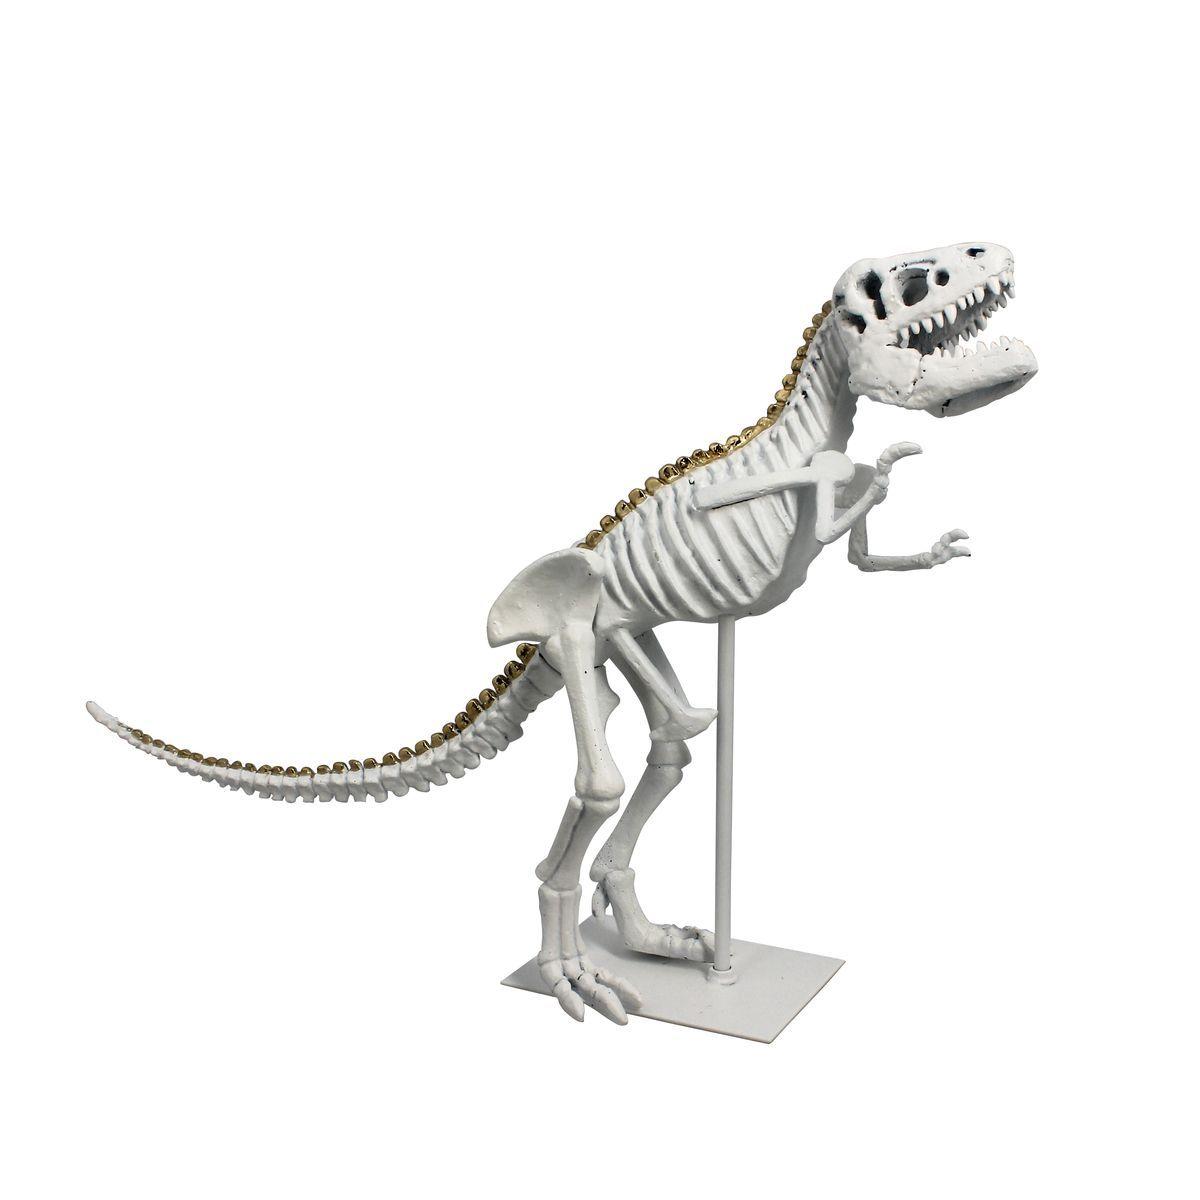 Dinosaure décoratif en résine blanche pied en métal blanc